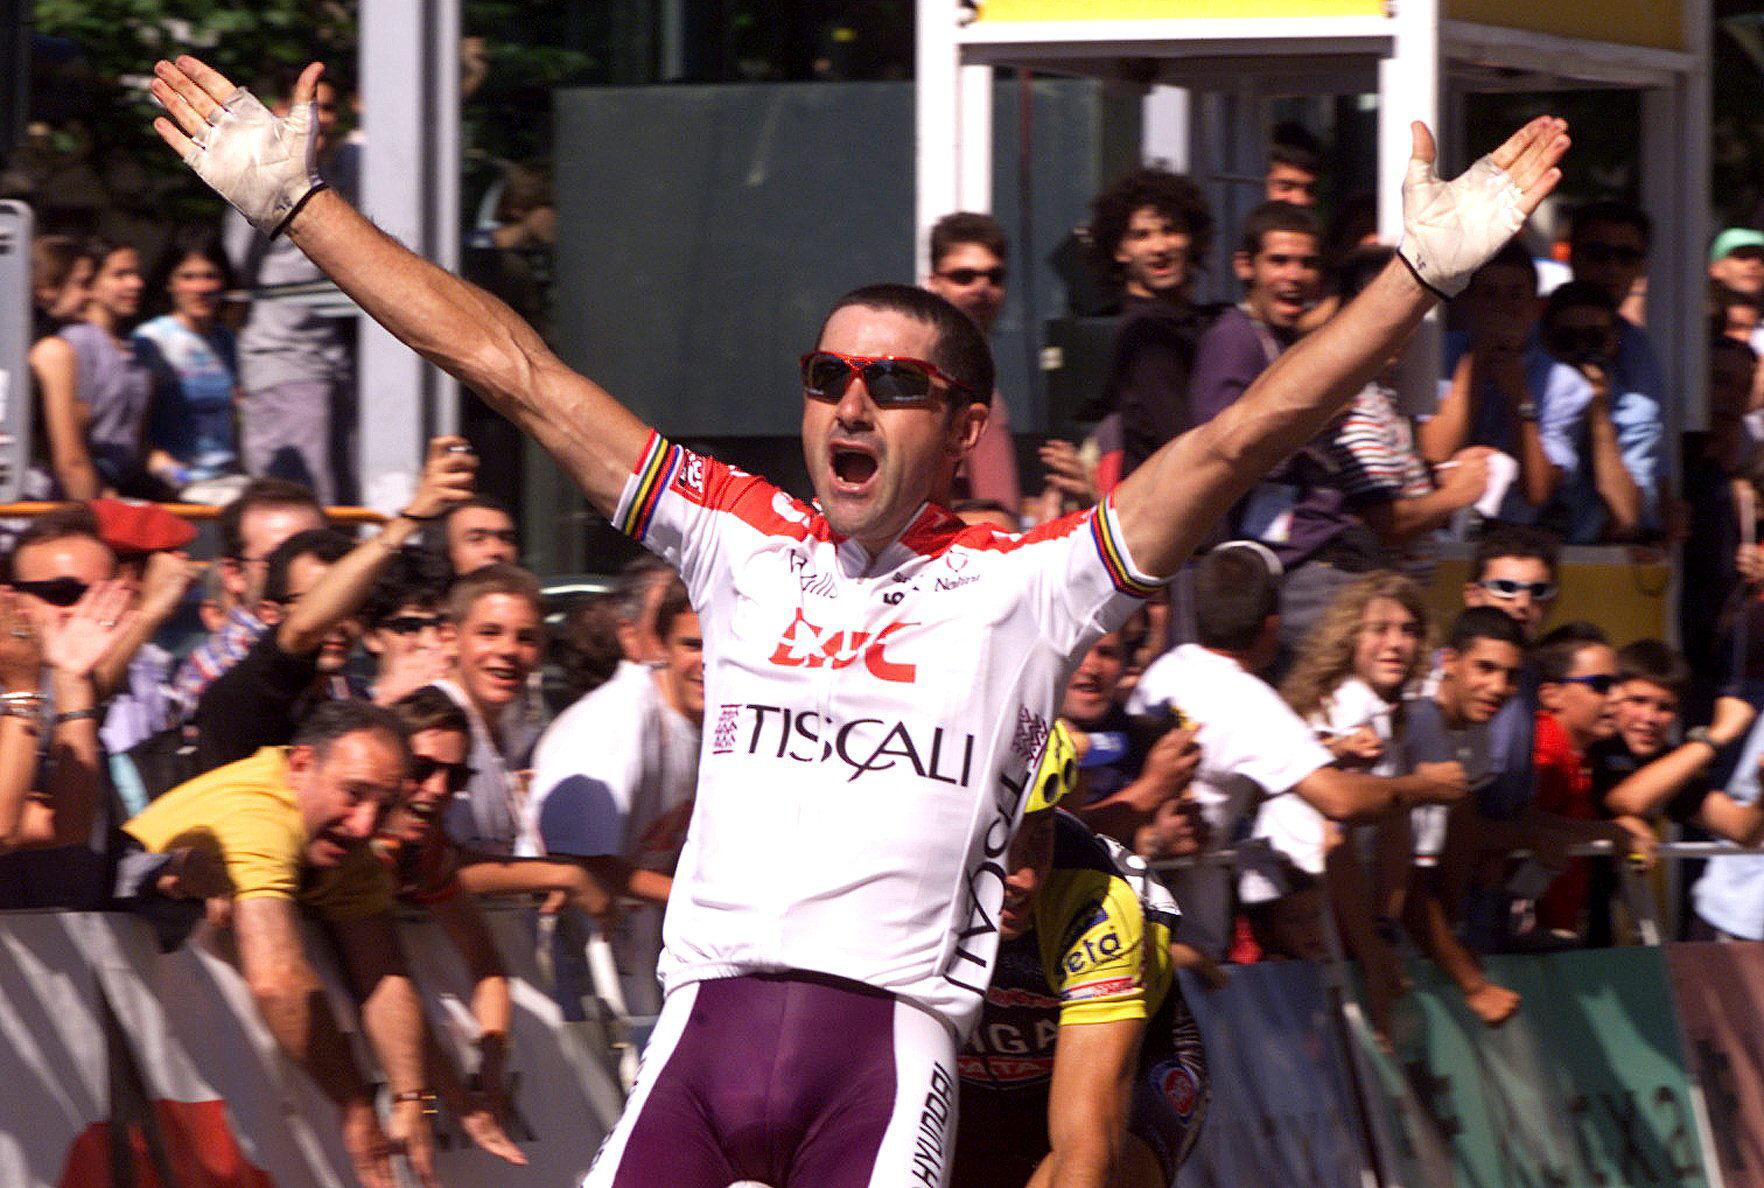 Laurent Jalabert ha dado positivo por EPO en el Tour de 1998